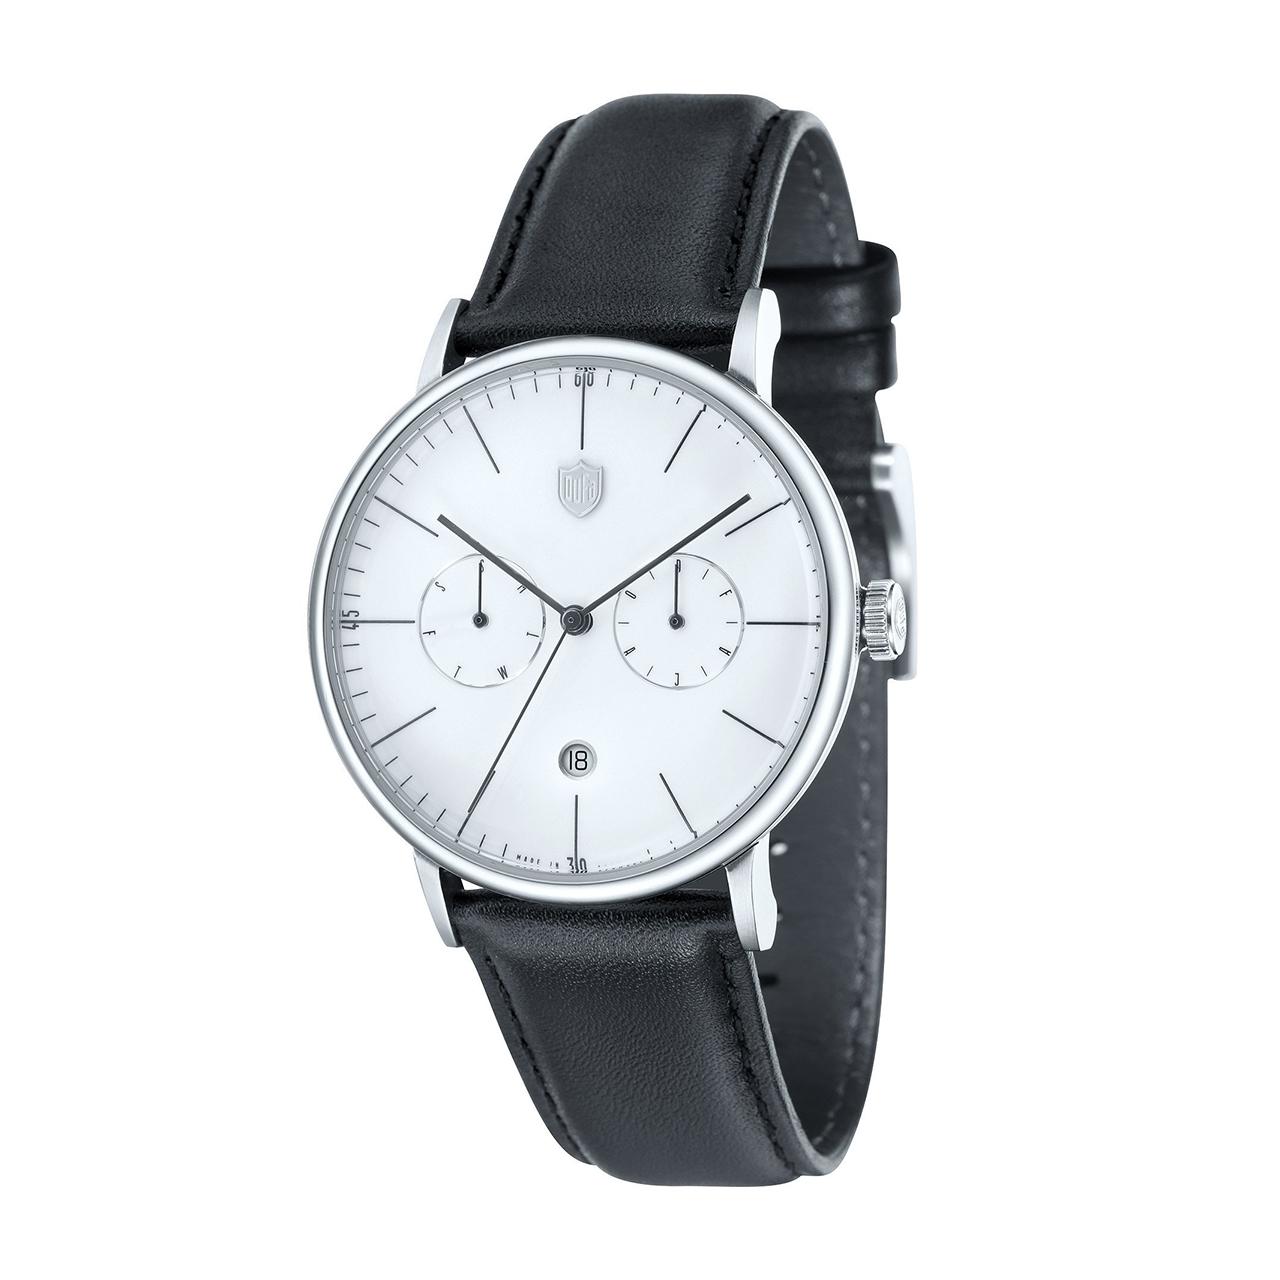 ساعت مچی عقربه ای مردانه دوفا مدل DF-9014-01